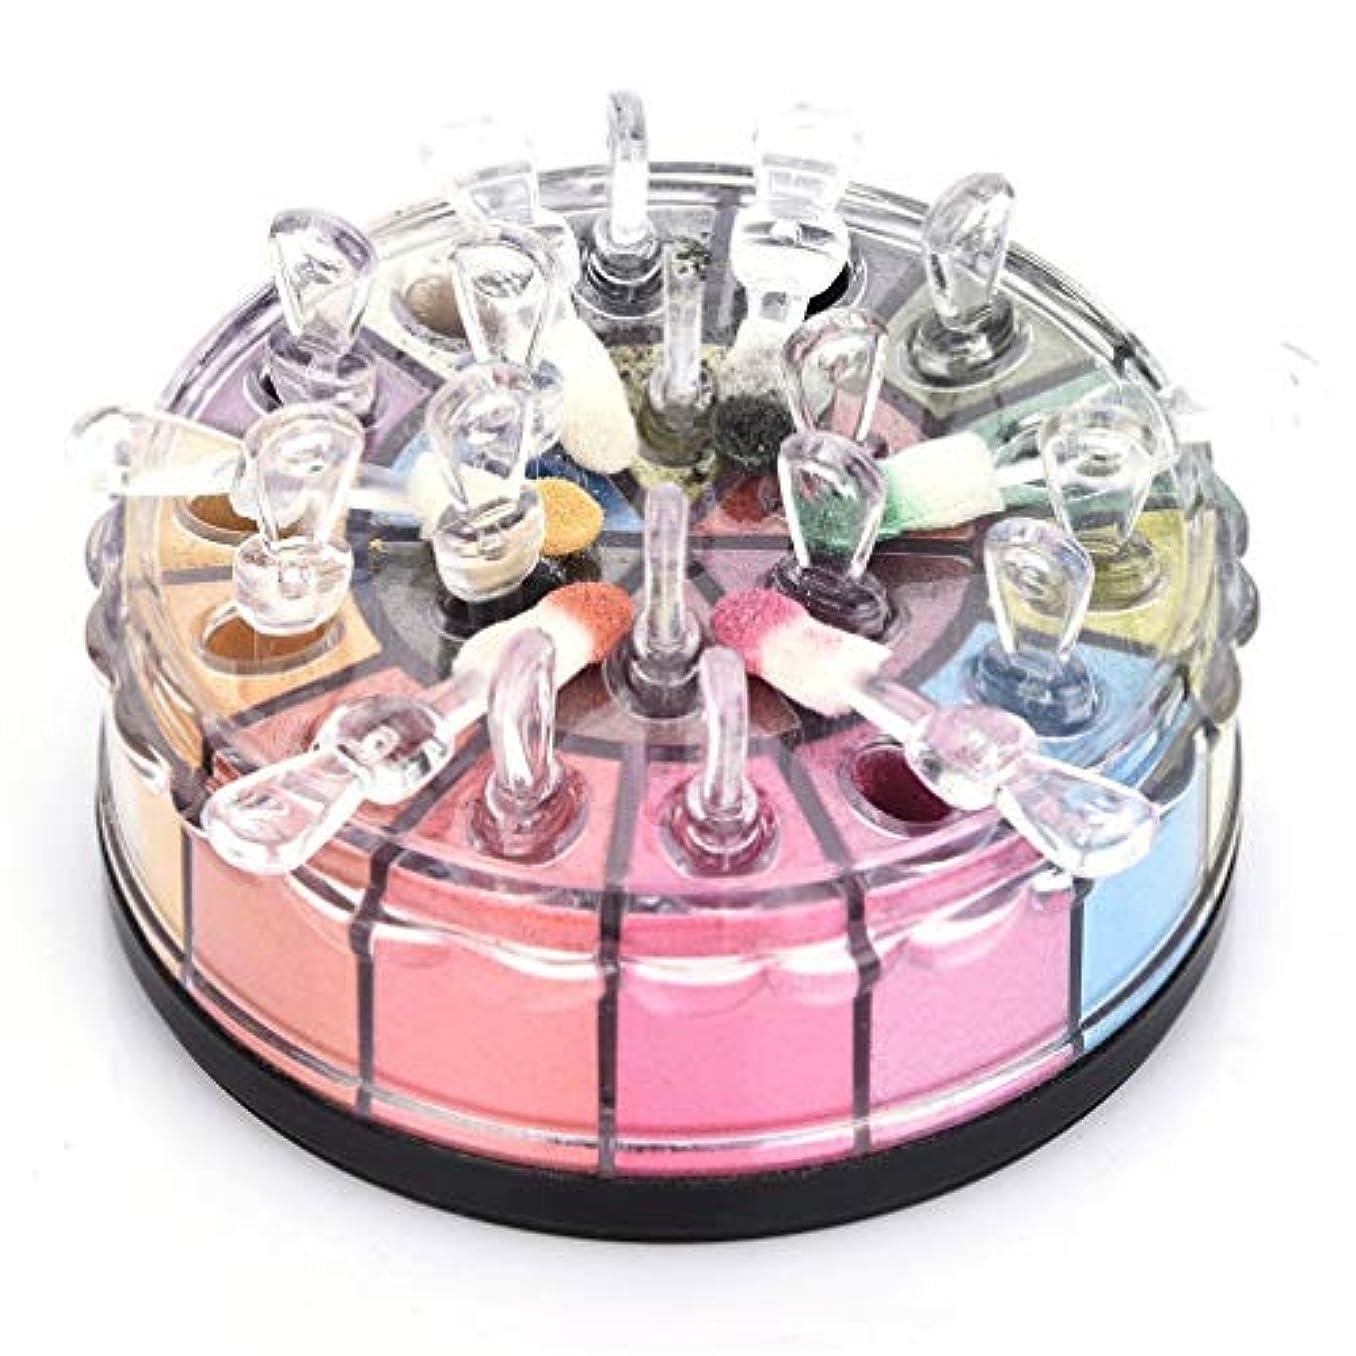 スペード性格コメント20色シマーグリッターアイシャドウパウダーパレットの化粧品のメイクアップキット地球色のスモーキーアイズ顔料ミネラルアイシャドウセット